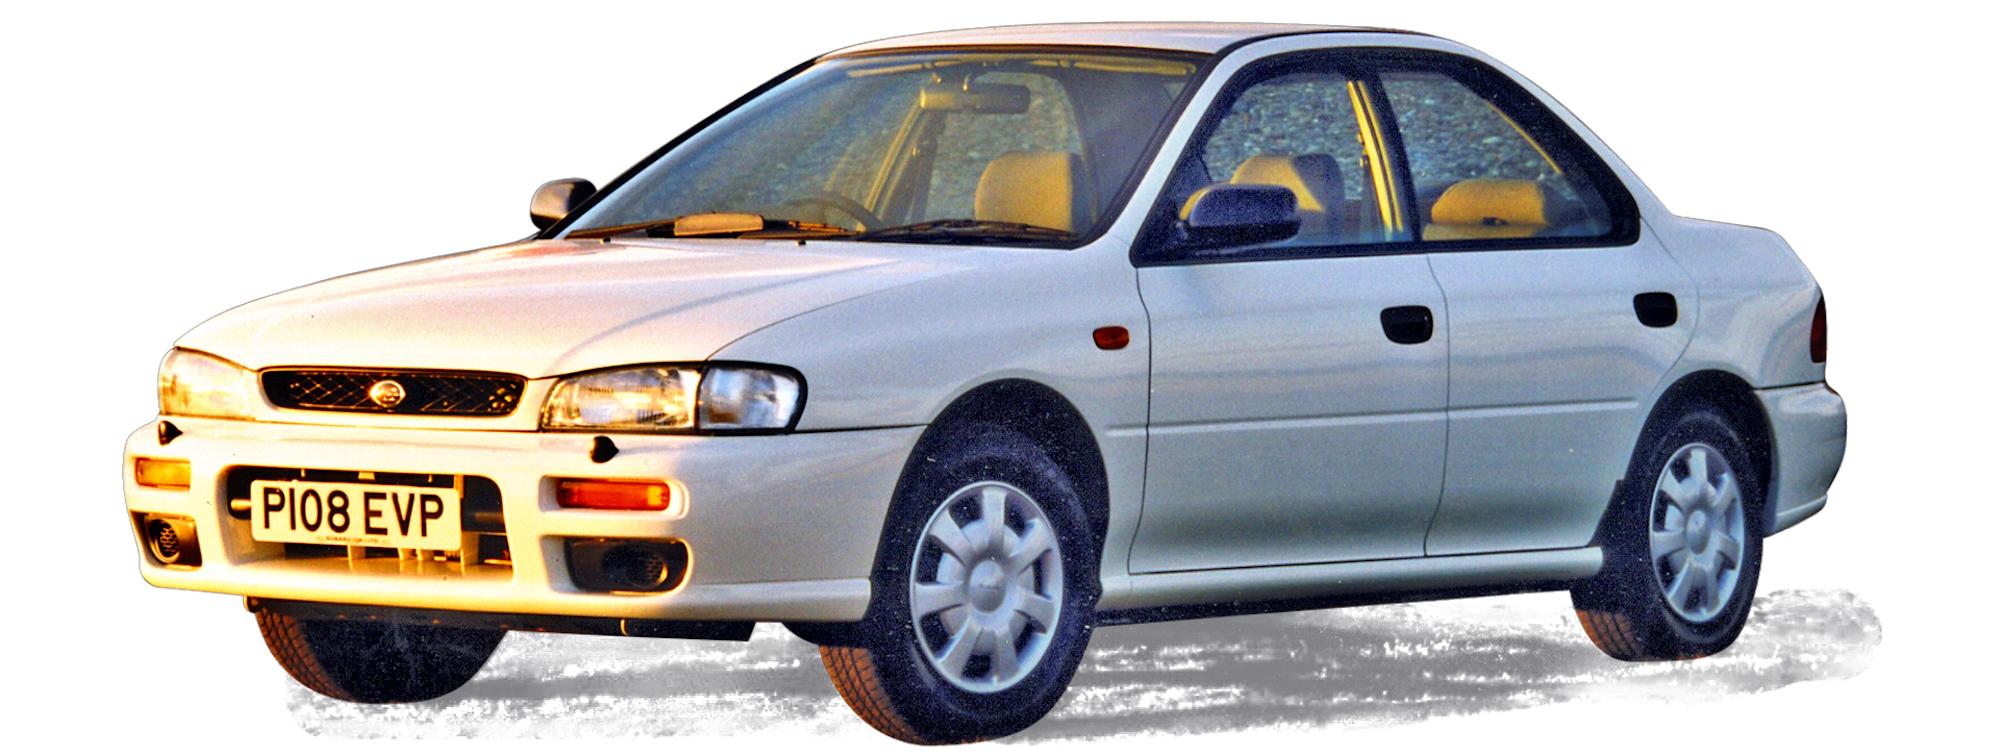 Subaru Impreza I(1993-2000)